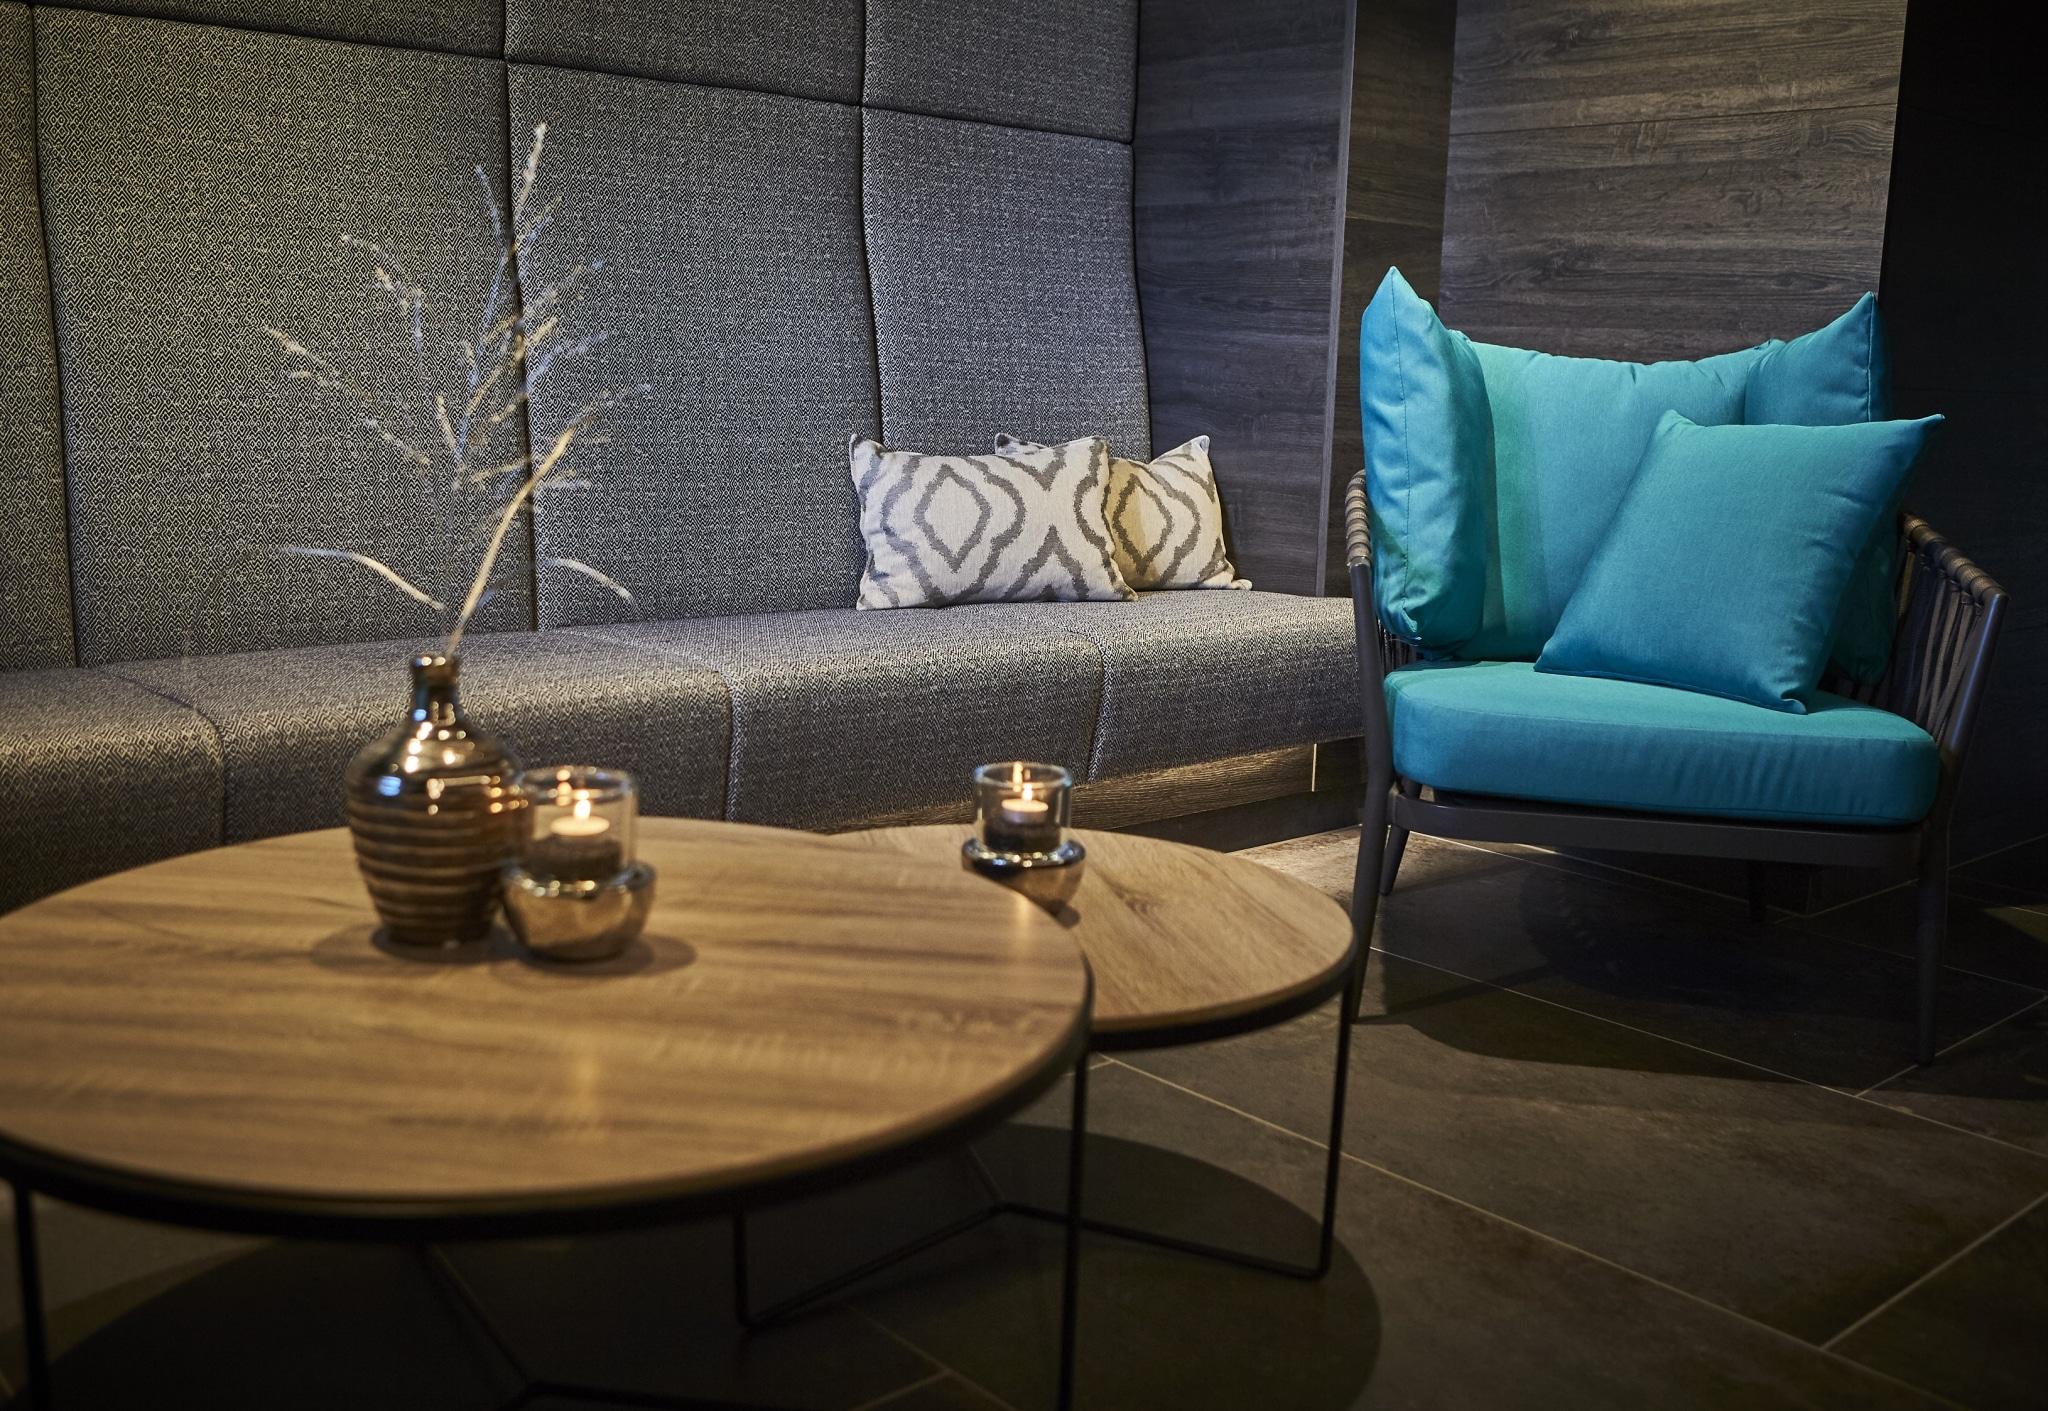 Tische, ein Stuhl und eine Sitzbank im Spa-Bereich